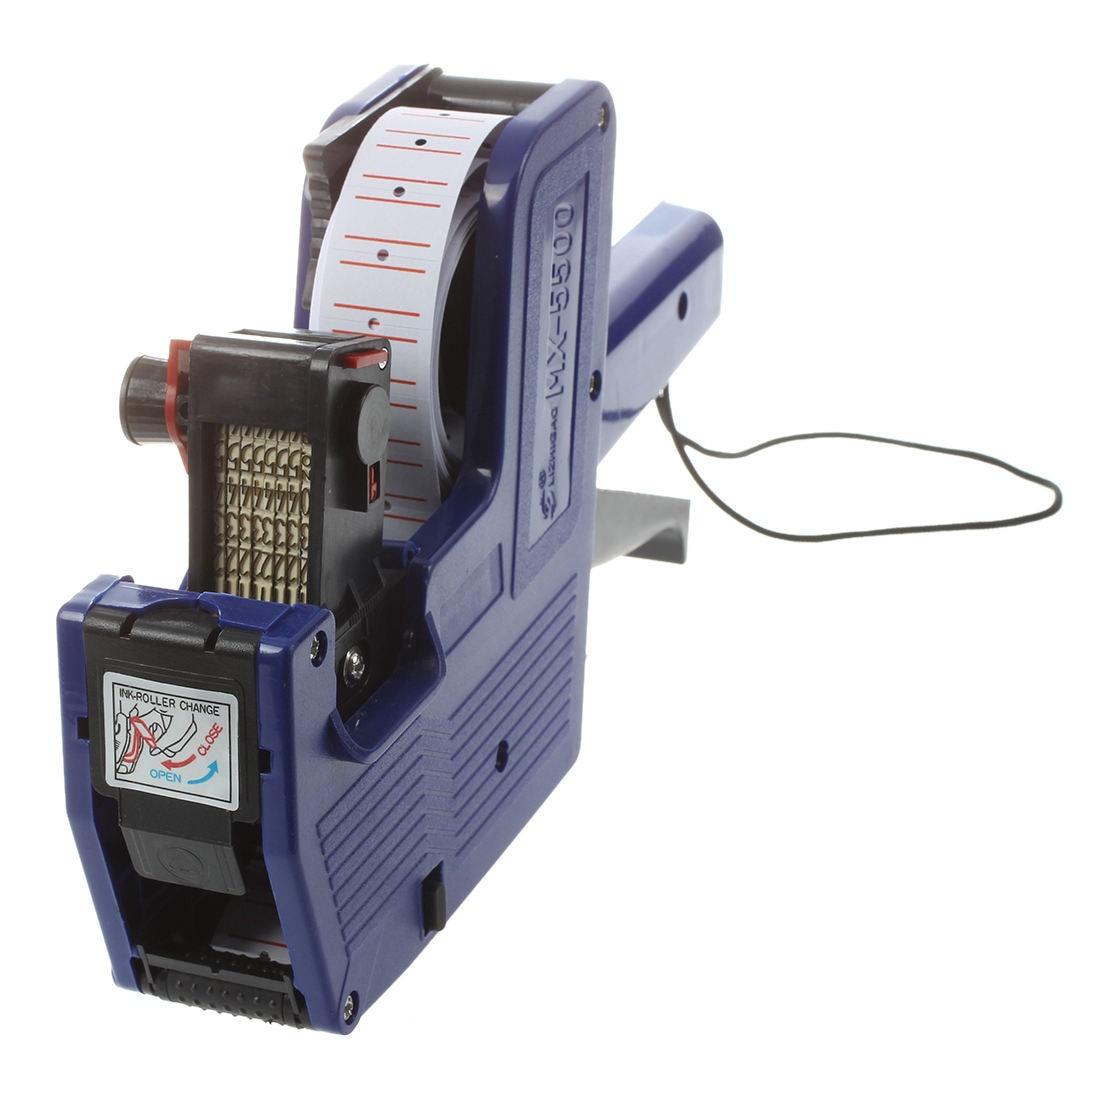 Pistola de etiqueta de precio EOS de 8 dígitos 500 blanca con etiquetas de líneas rojas 1 tinta máquina de precios Manual Bidder Color aleatorio azul